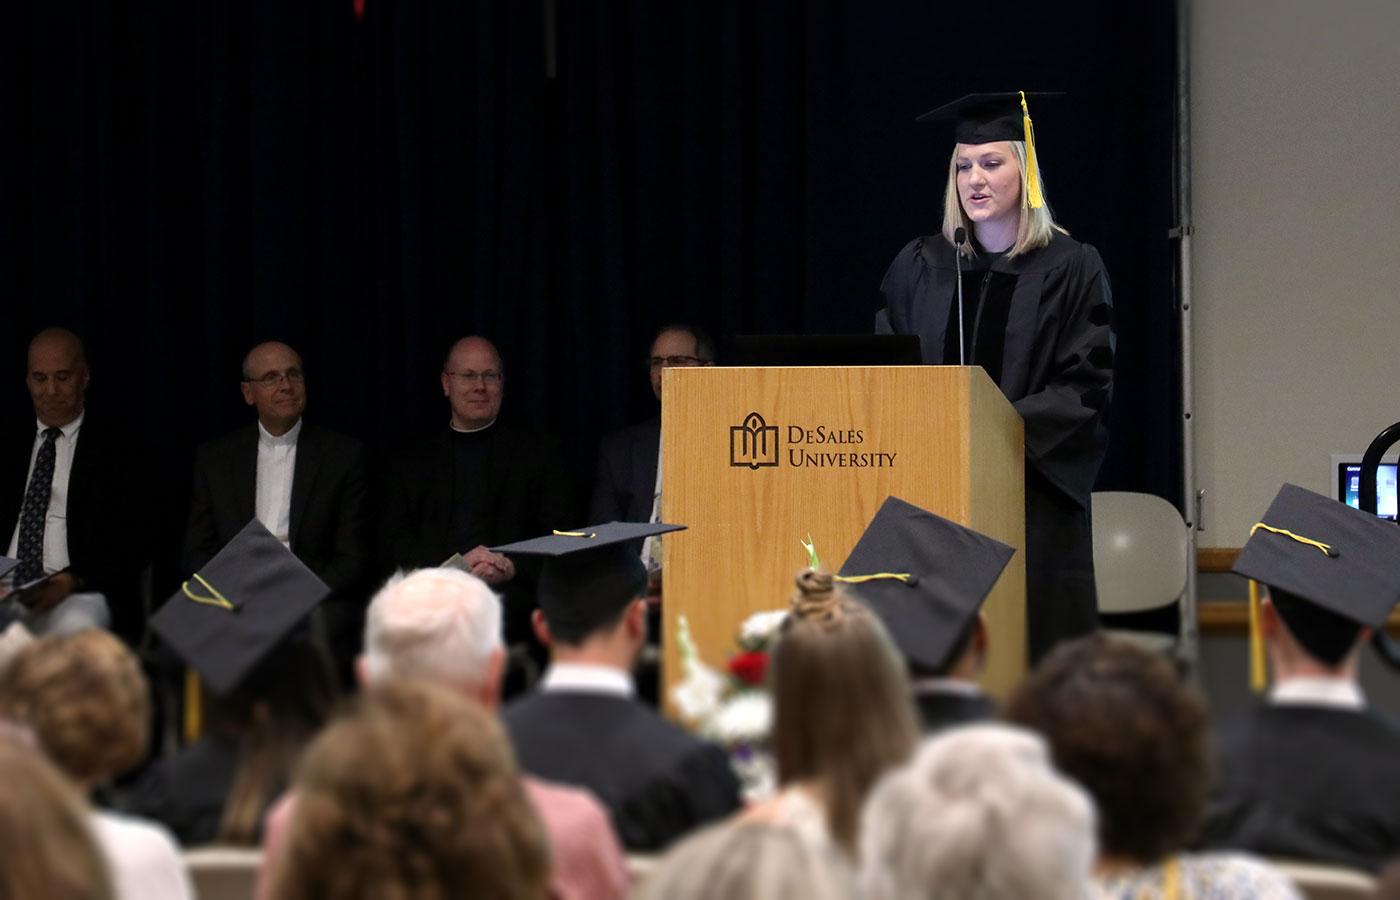 DeSale DPT Graduation 2019